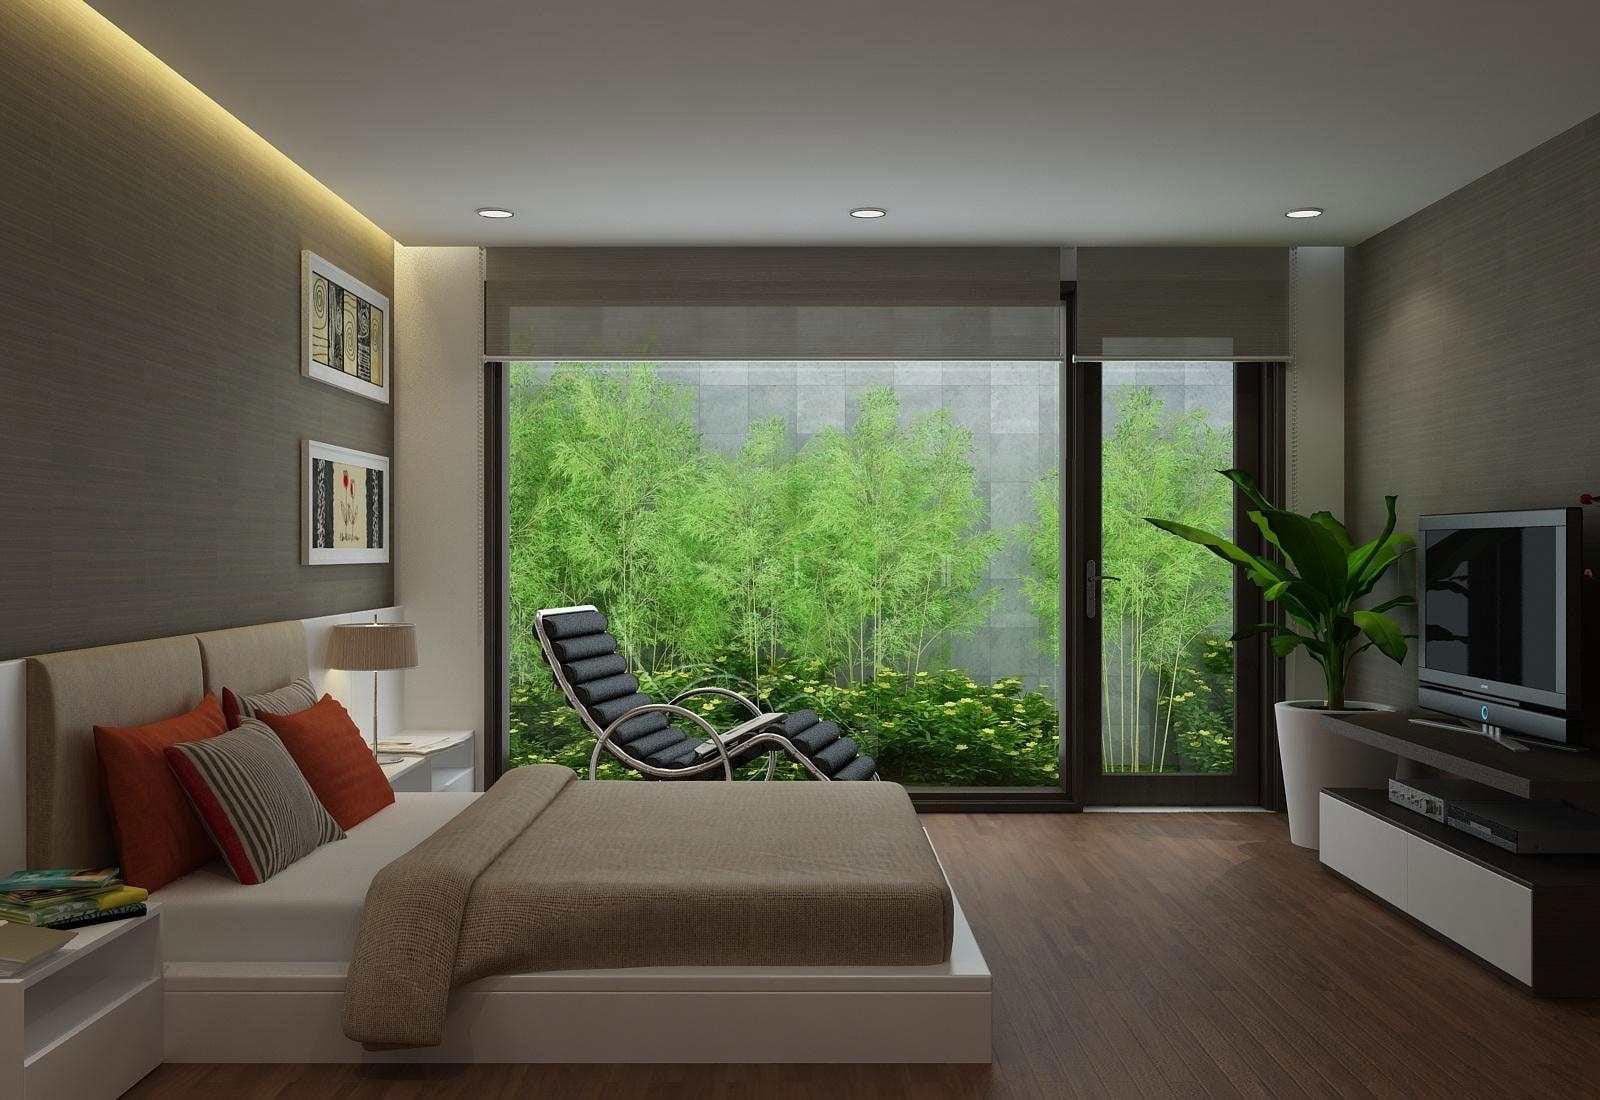 Mẫu thiết kế biệt thự 3 tầng đẹp hiện đại làm say đắm lòng người